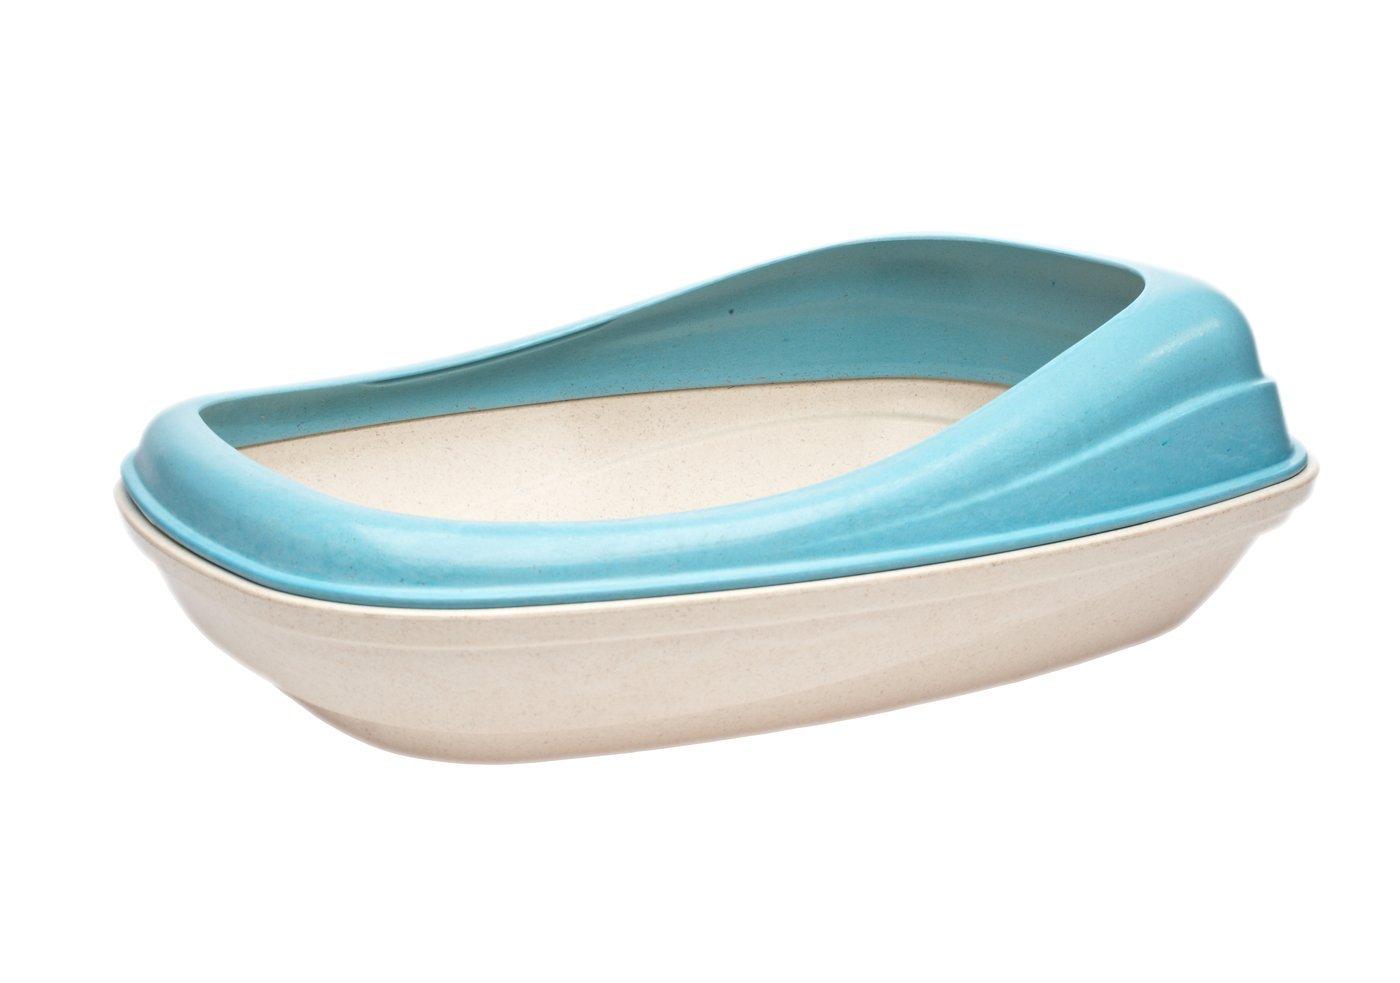 Toaleta pro kočky Beco Tray, modrá